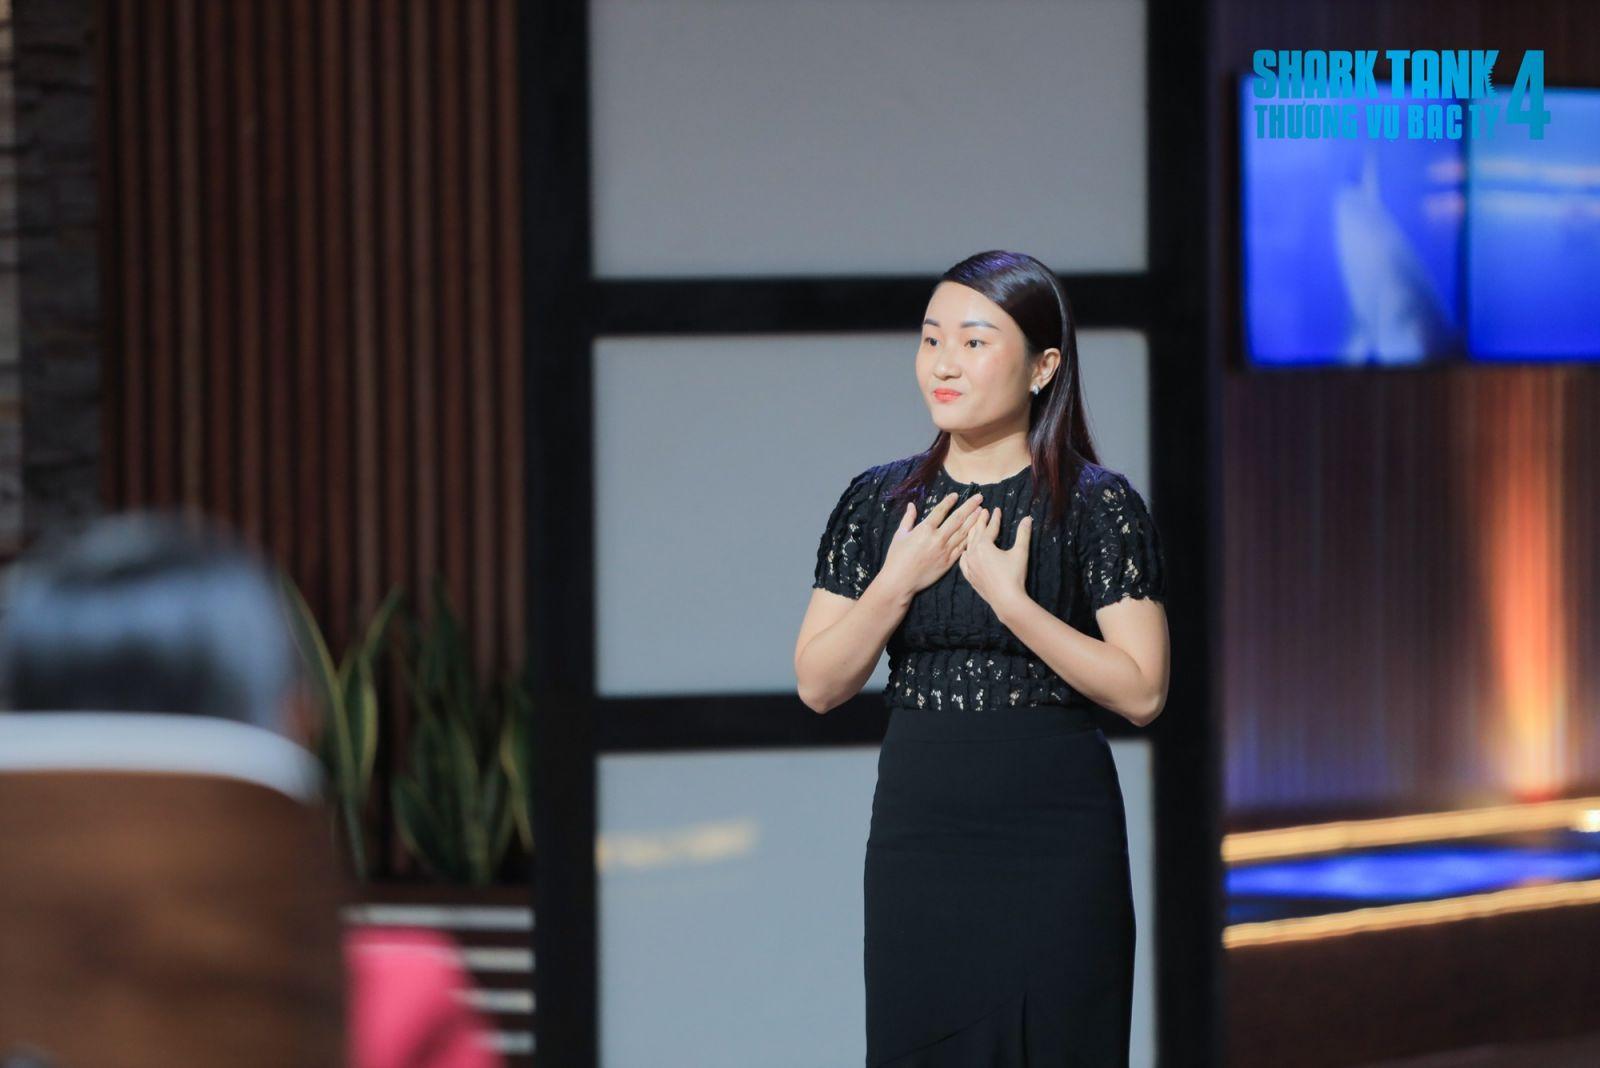 Nguyễn Ngọc Lan Anh – Nhà sáng lập và điều hành công ty EIY. Ảnh: Shark tank Việt Nam